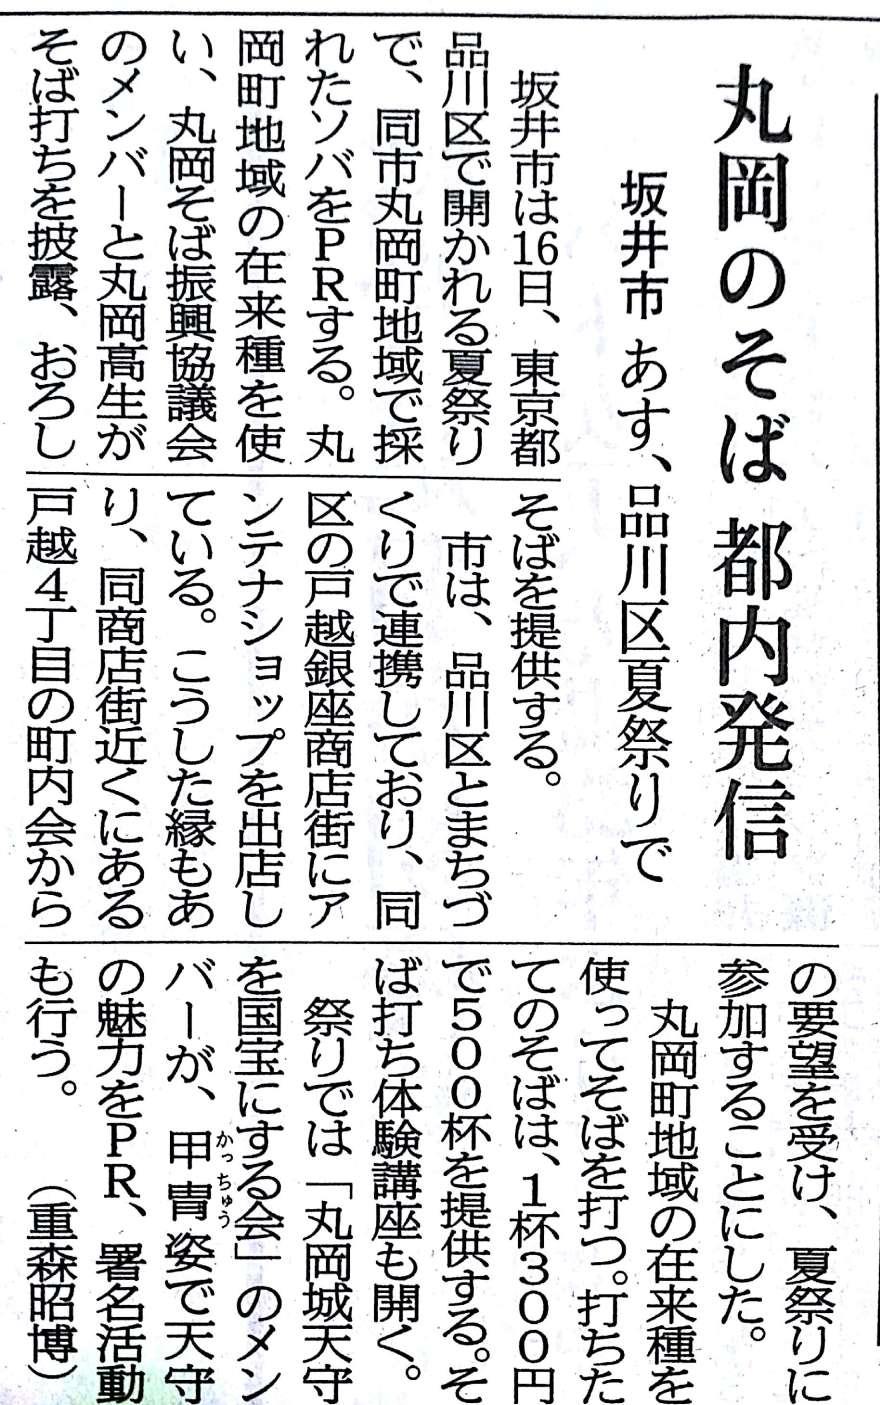 丸岡そば都内発信 2017-07-15